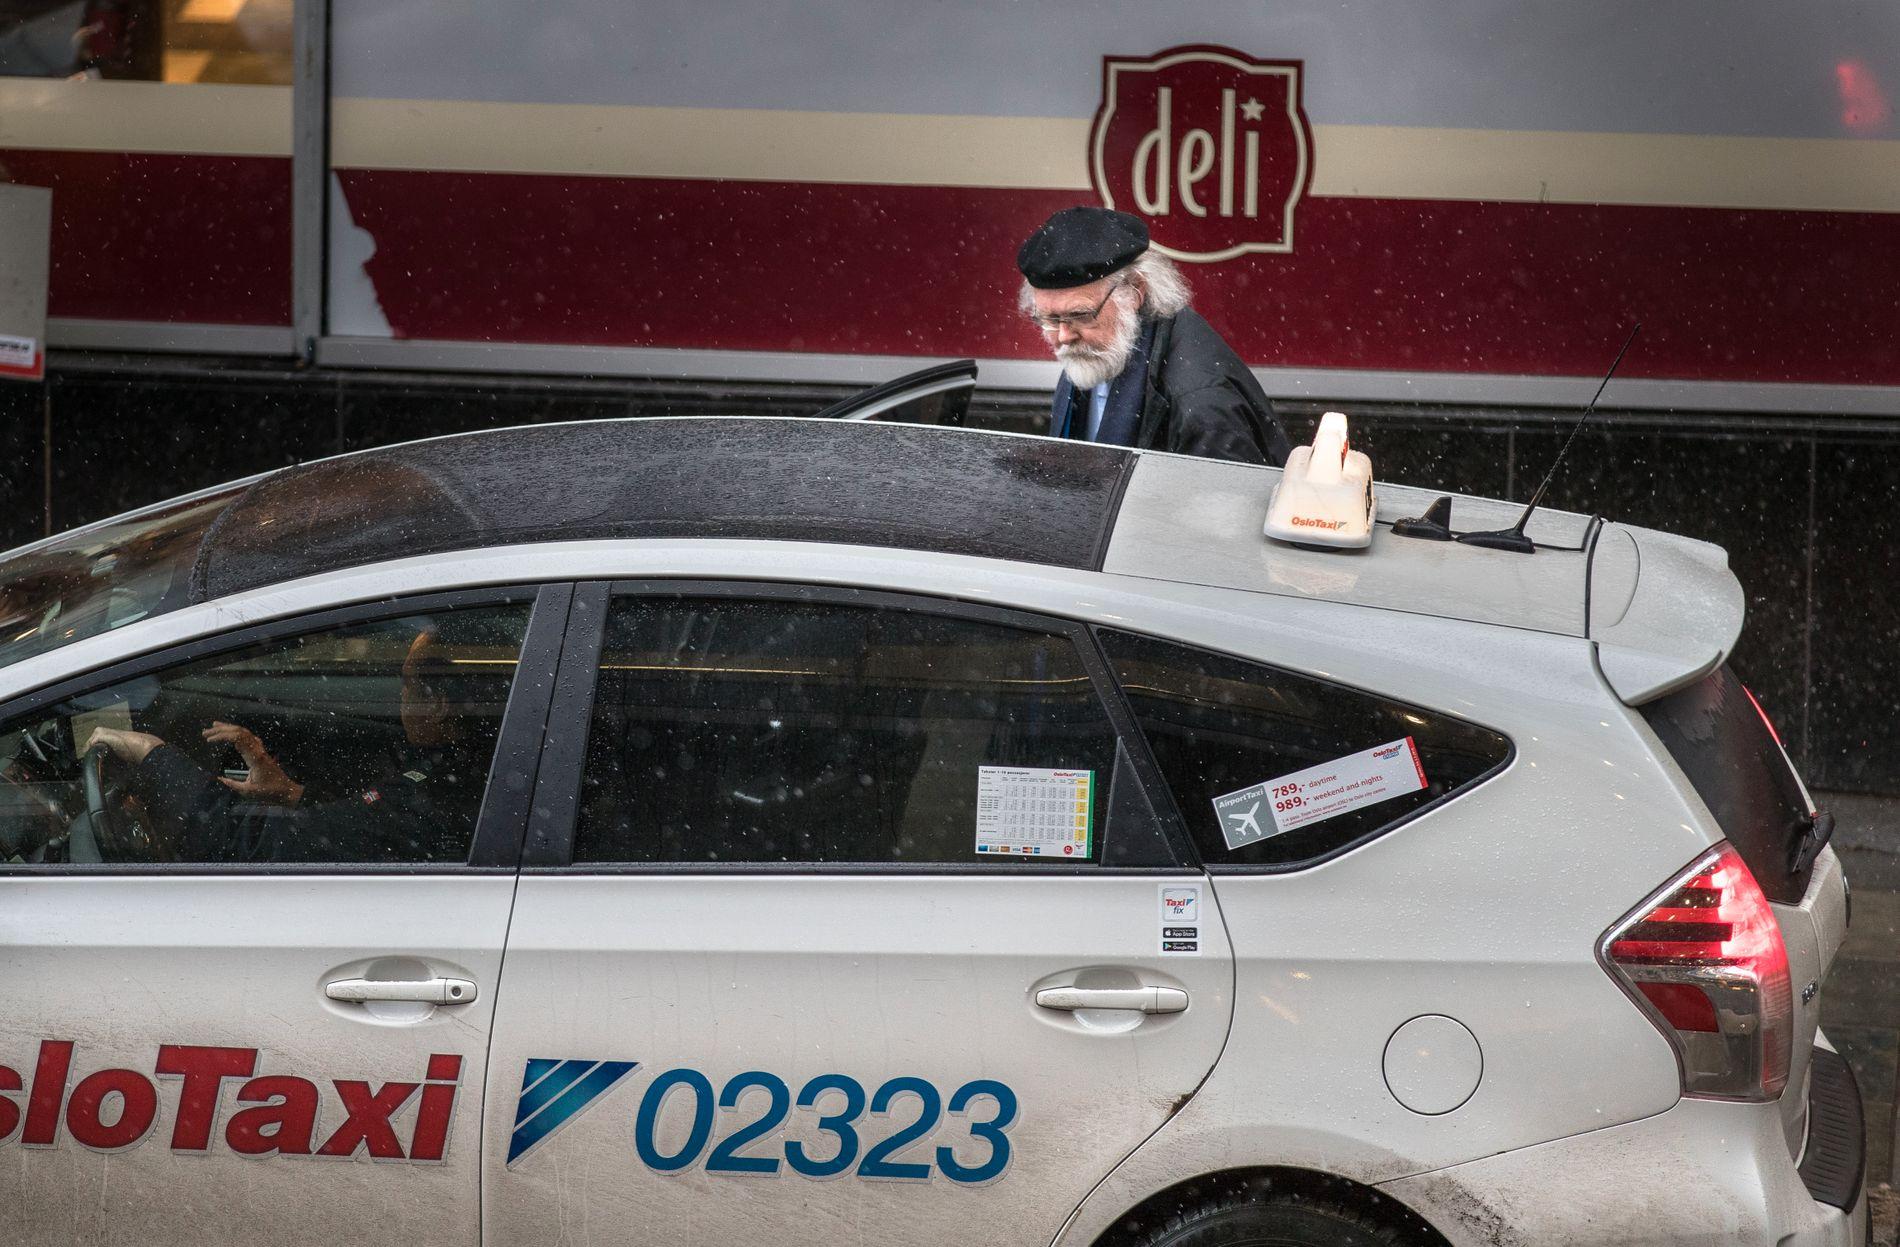 FORSVARER TAXIBRUKEN: – Jeg er nok i det øverste sjiktet i taxibruk, men jeg er også i det øverste sjiktet på andre parametere ved universitet, sier professor Stenseth. Her er han fotografert etter å ha tatt taxi til intervjuavtalen med VG.